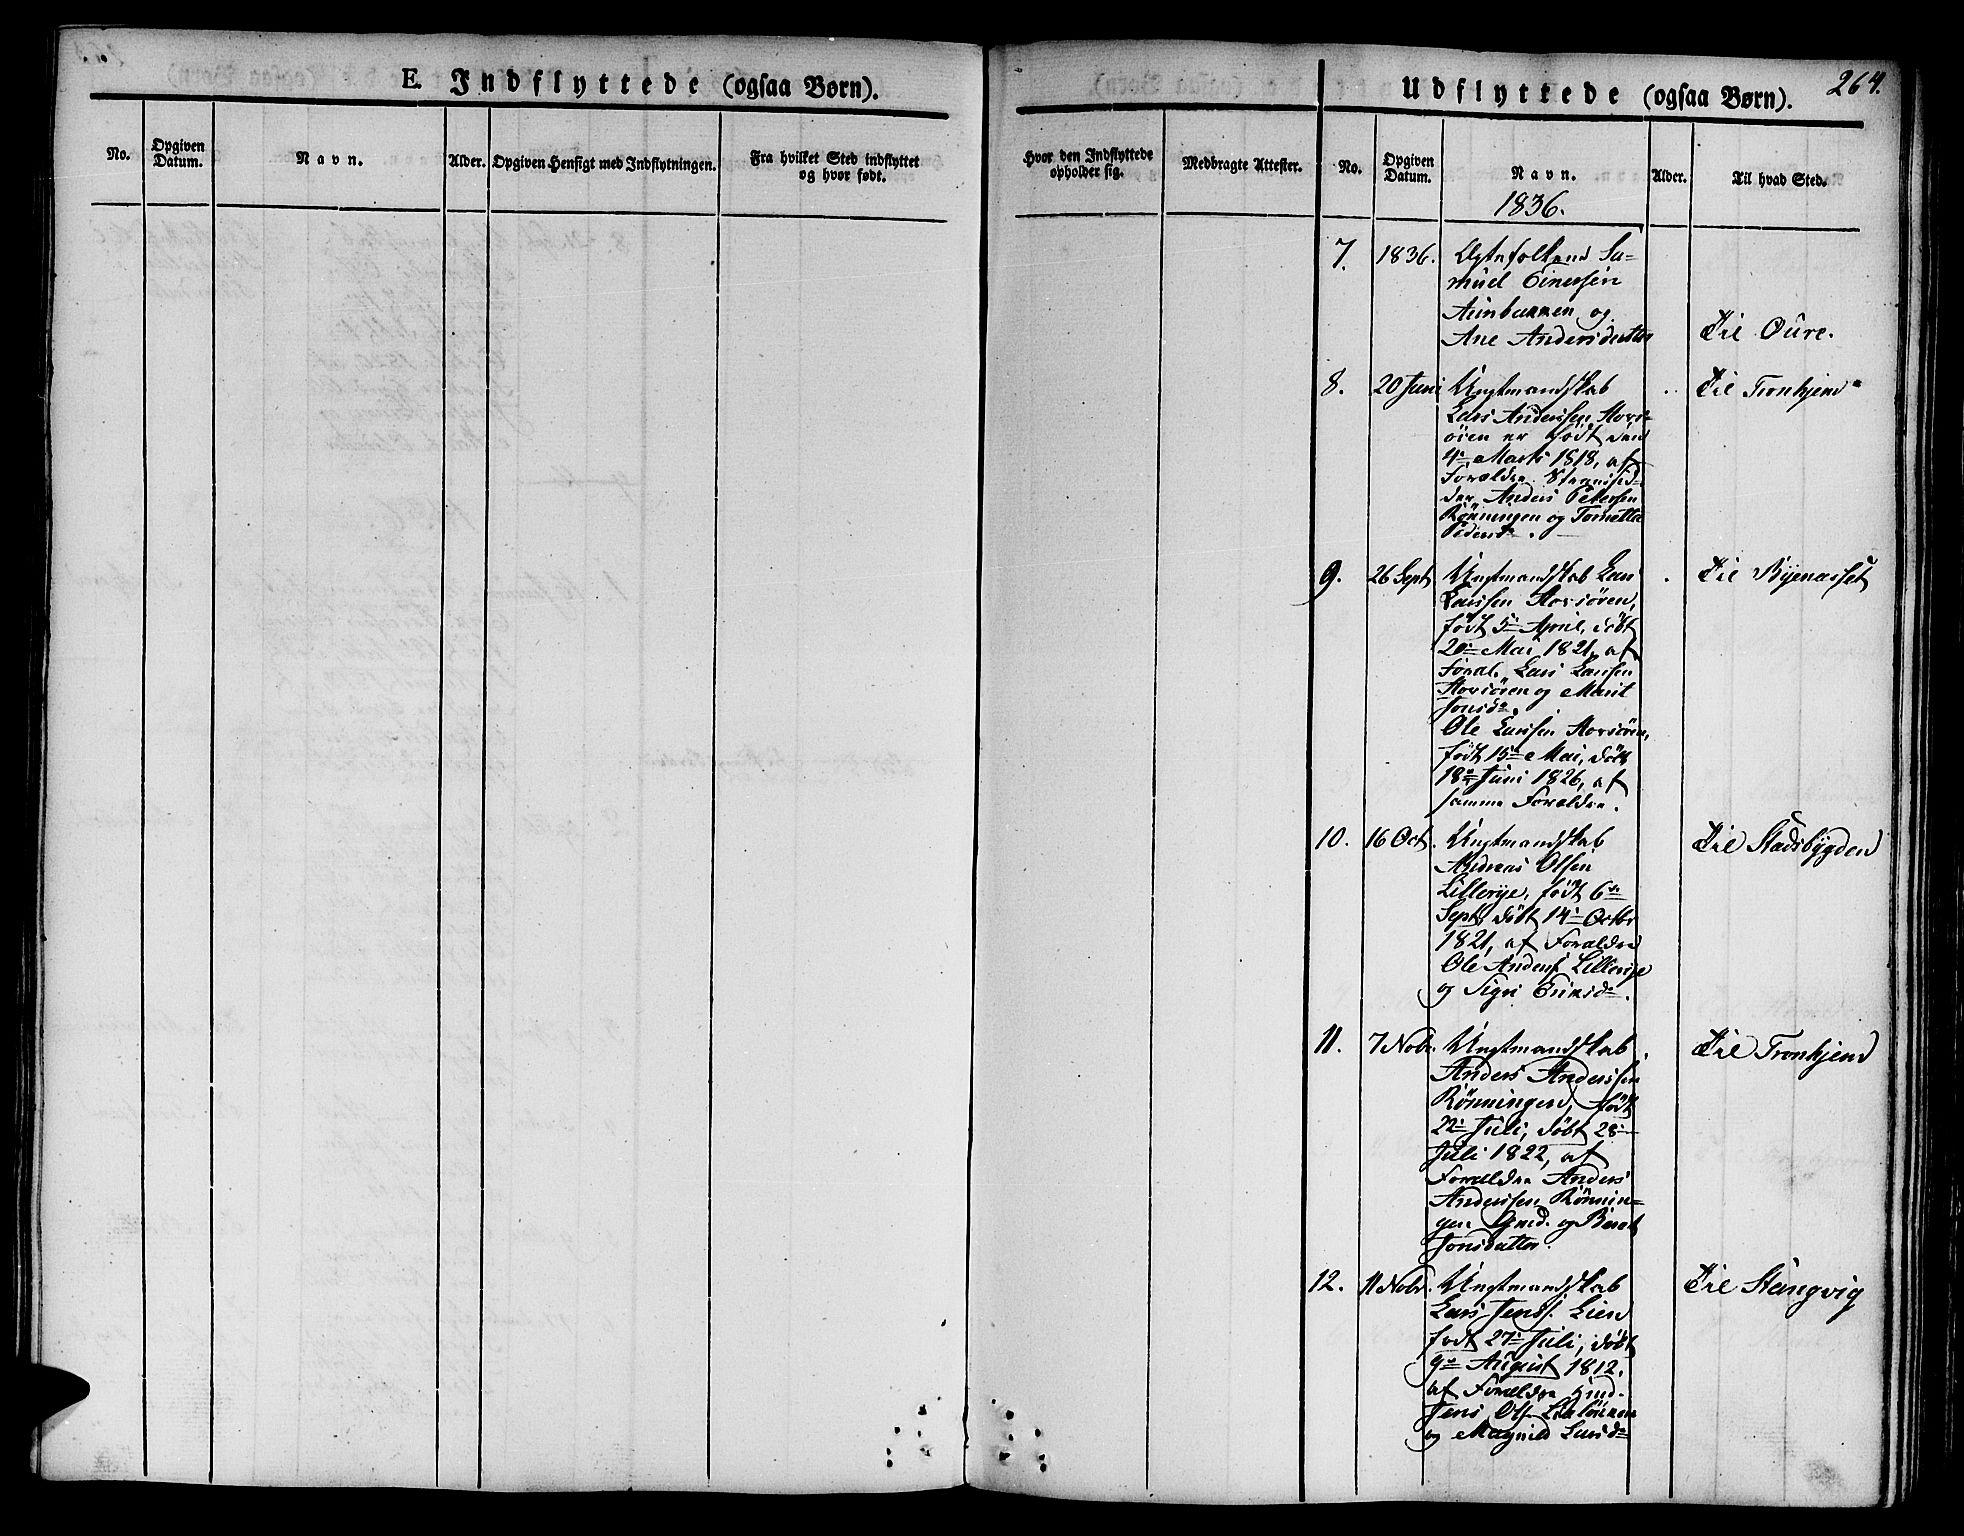 SAT, Ministerialprotokoller, klokkerbøker og fødselsregistre - Sør-Trøndelag, 668/L0804: Ministerialbok nr. 668A04, 1826-1839, s. 264